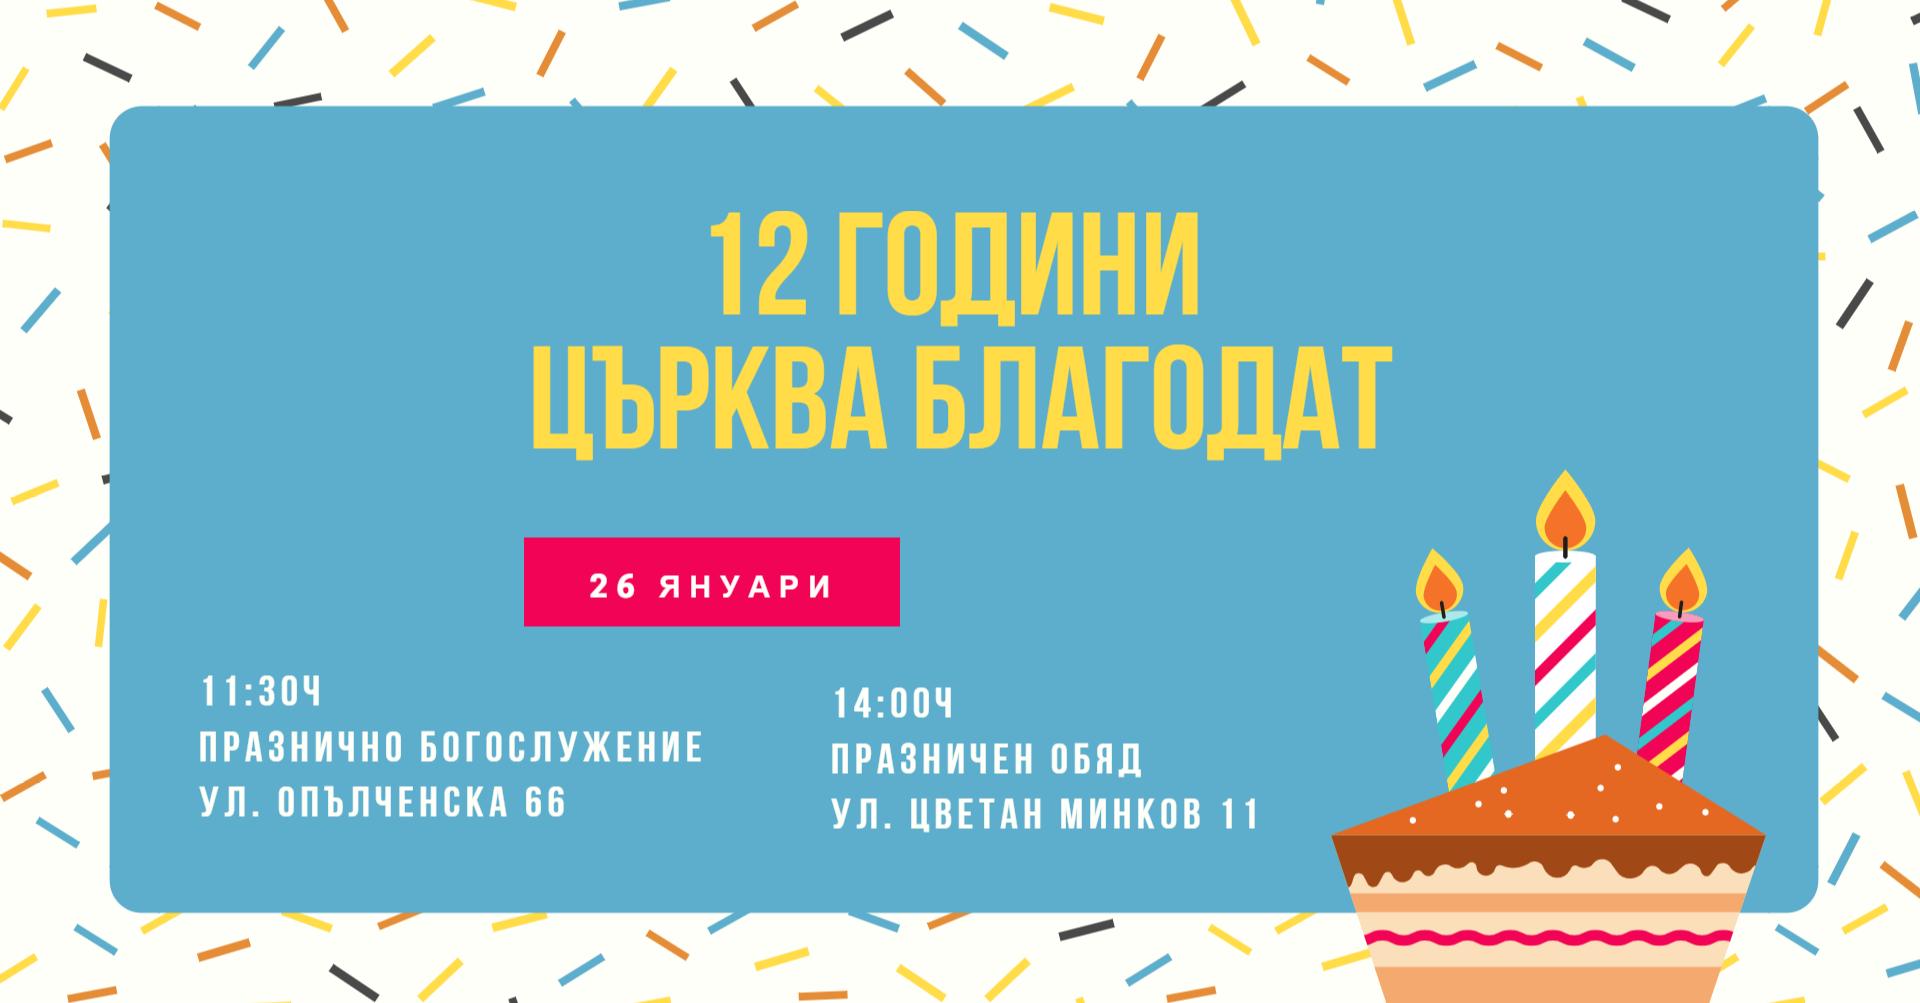 Рожден ден на църква Благодат